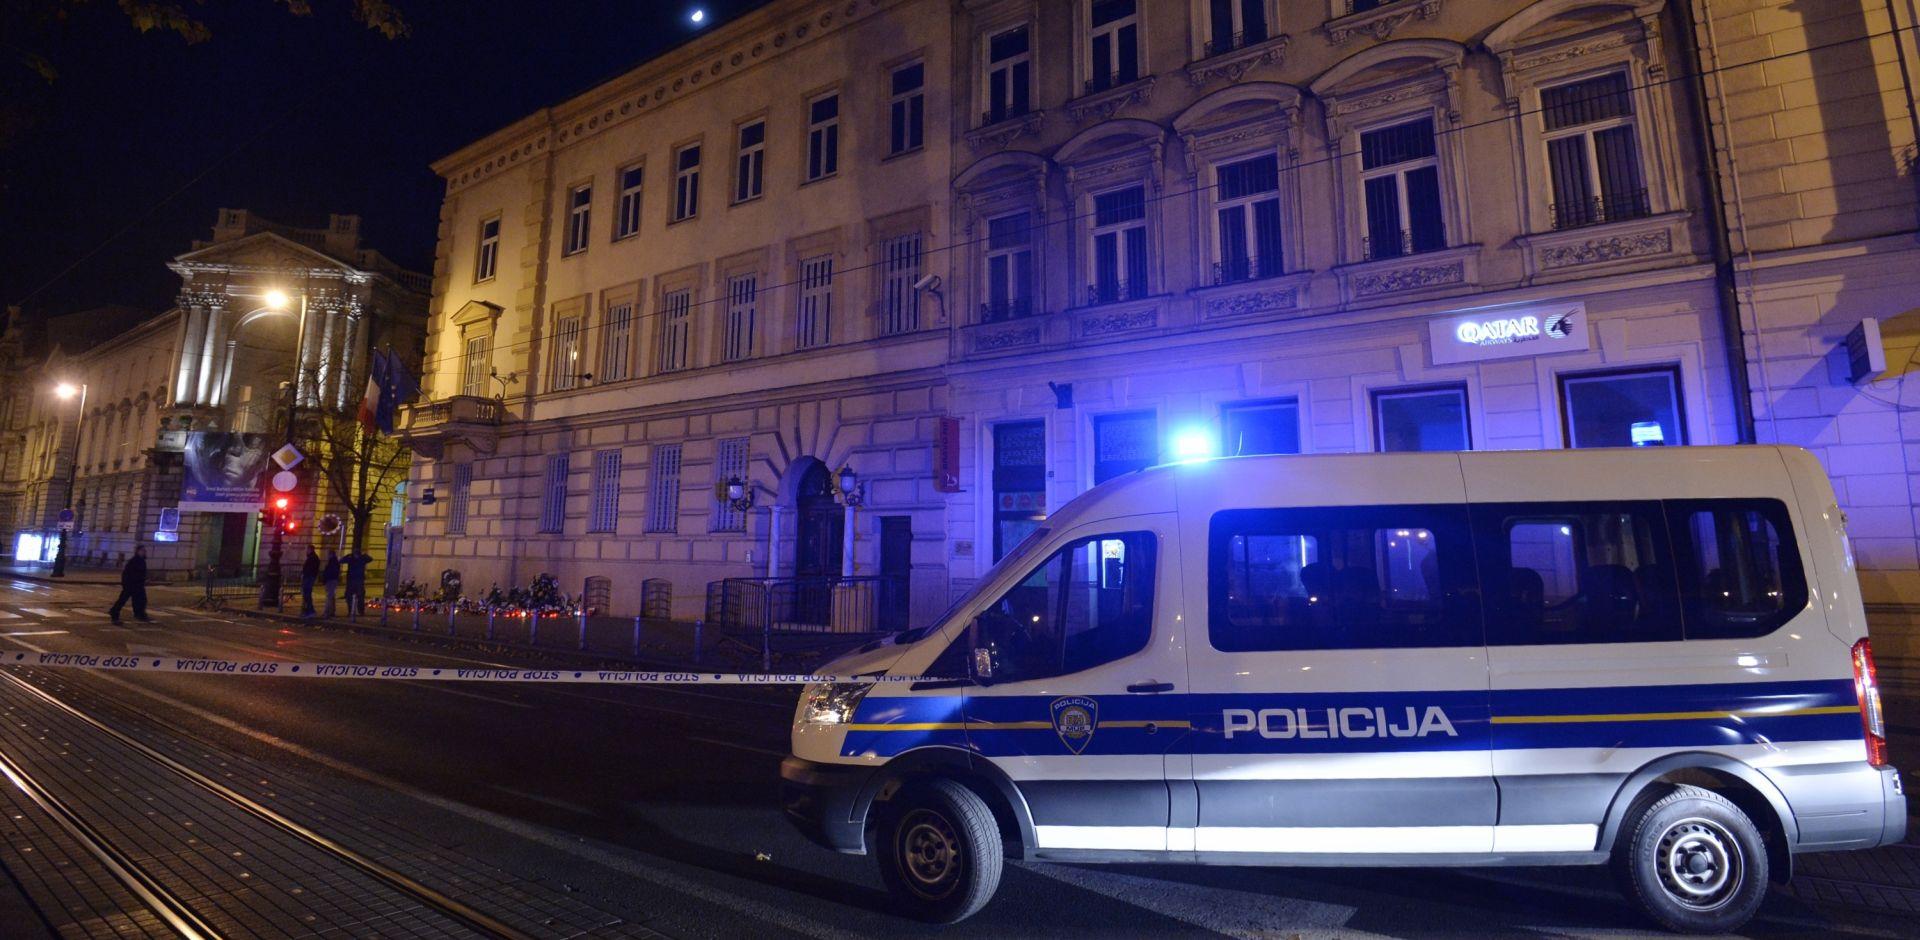 FOTO: Preko puta francuskog Veleposlanstva pronađena torba, protueksplozijski pregled negativan